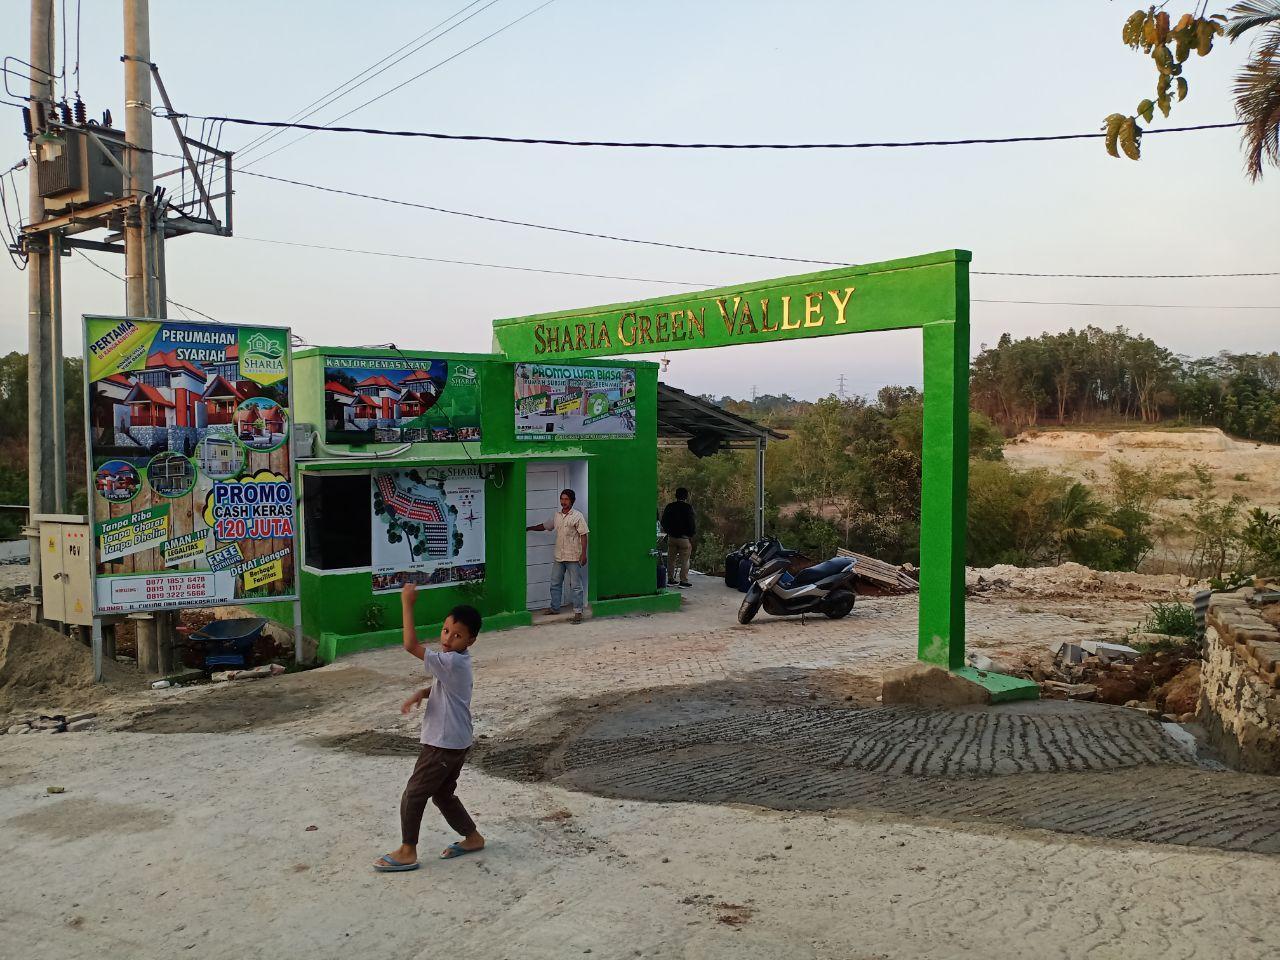 sharia green valley gerbang